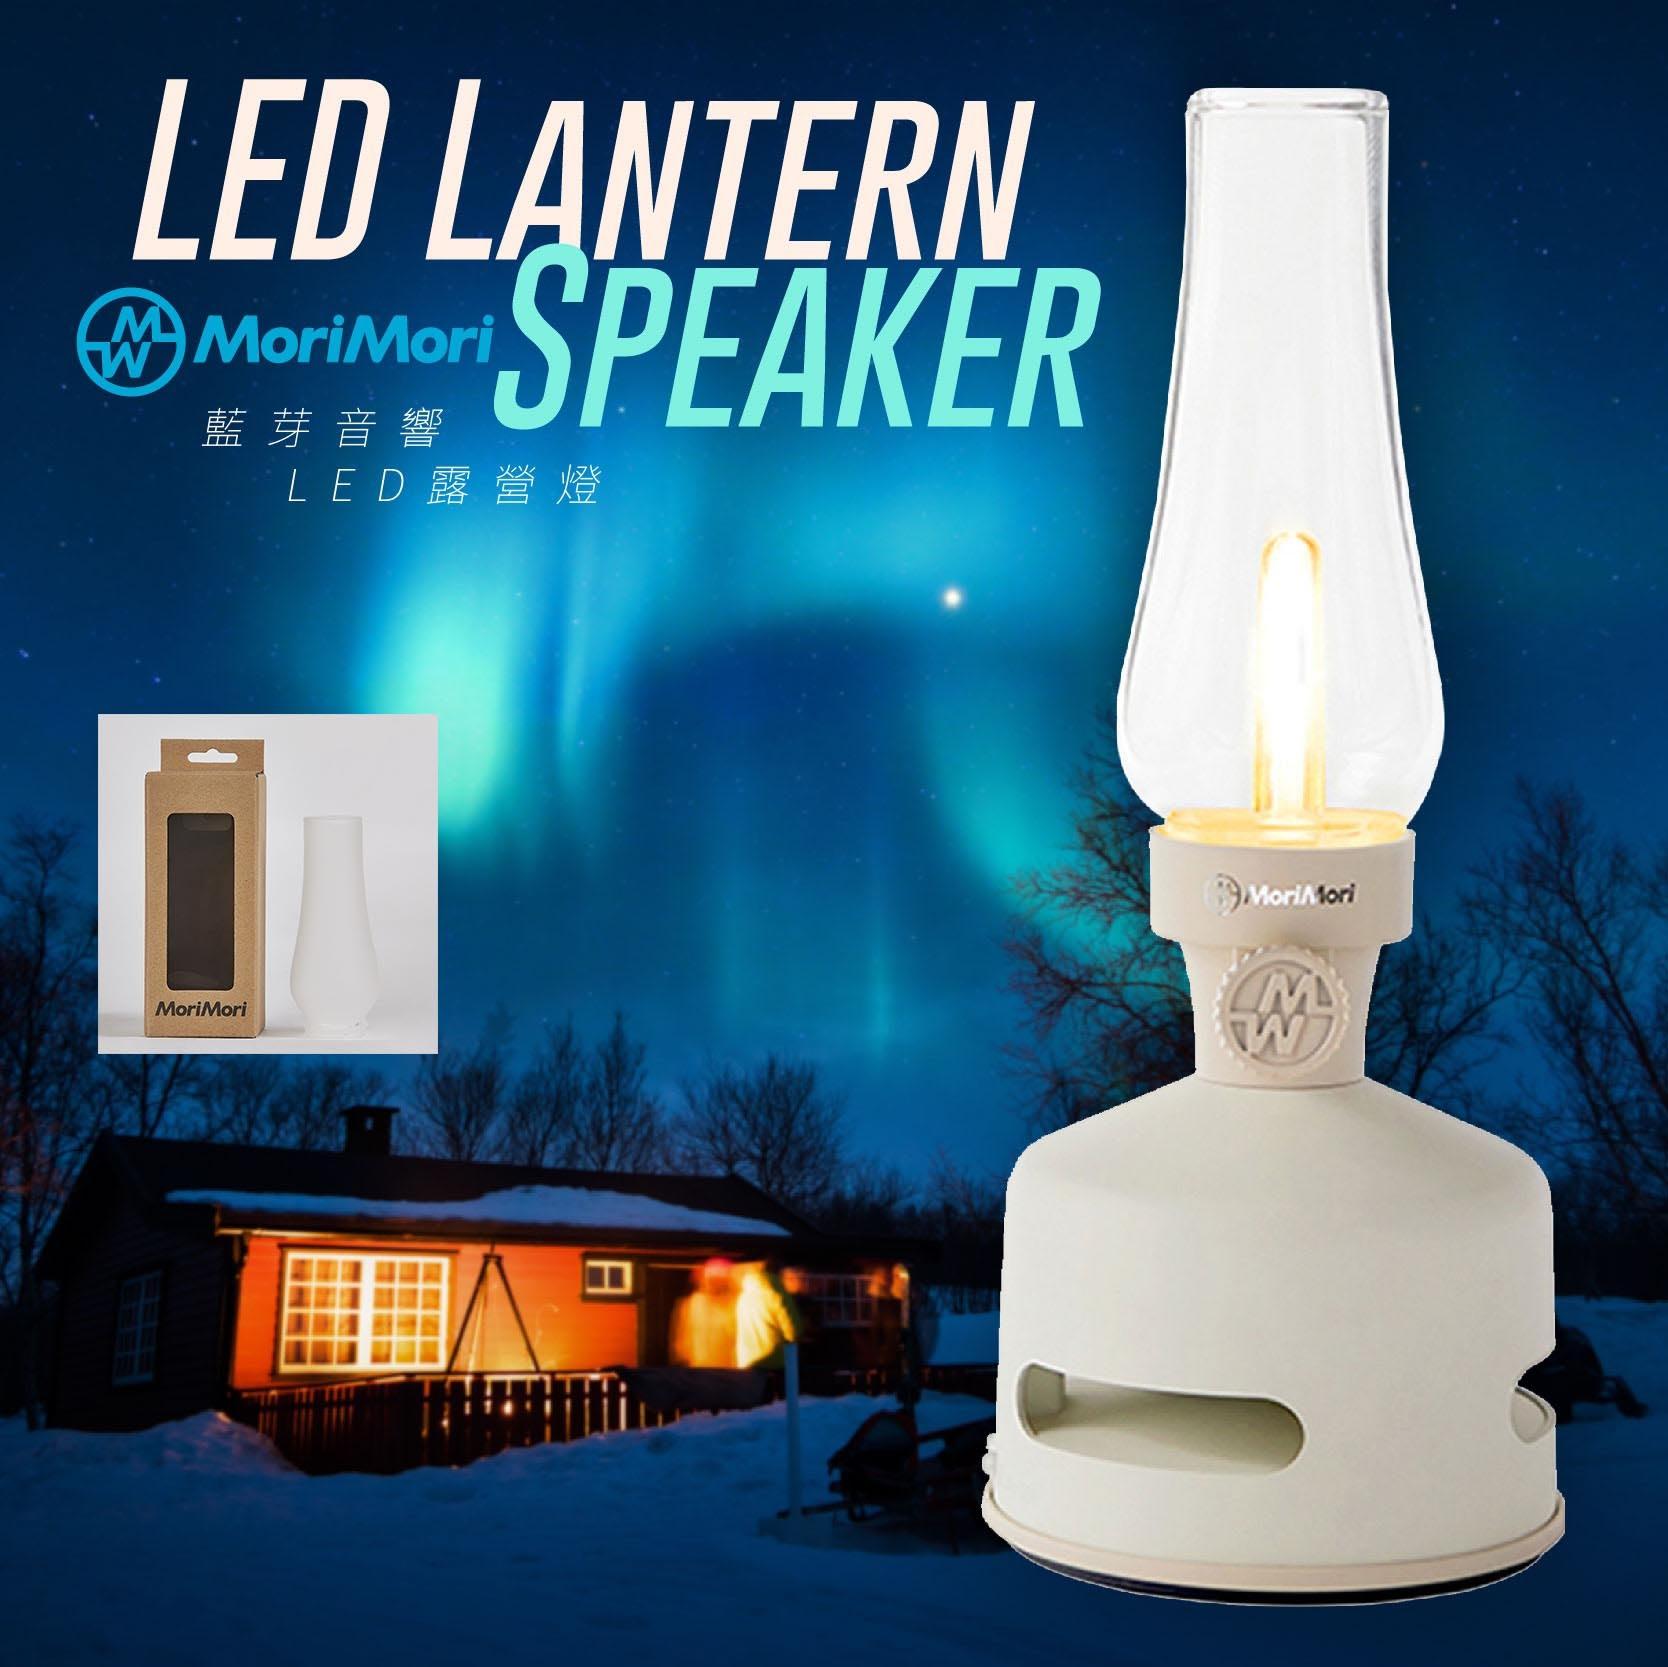 ✨加送霧面燈罩✨ MoriMori 藍牙音響LED露營燈(白色) 喇叭 音響 燈具 露營燈 小夜燈 登山 露營 居家